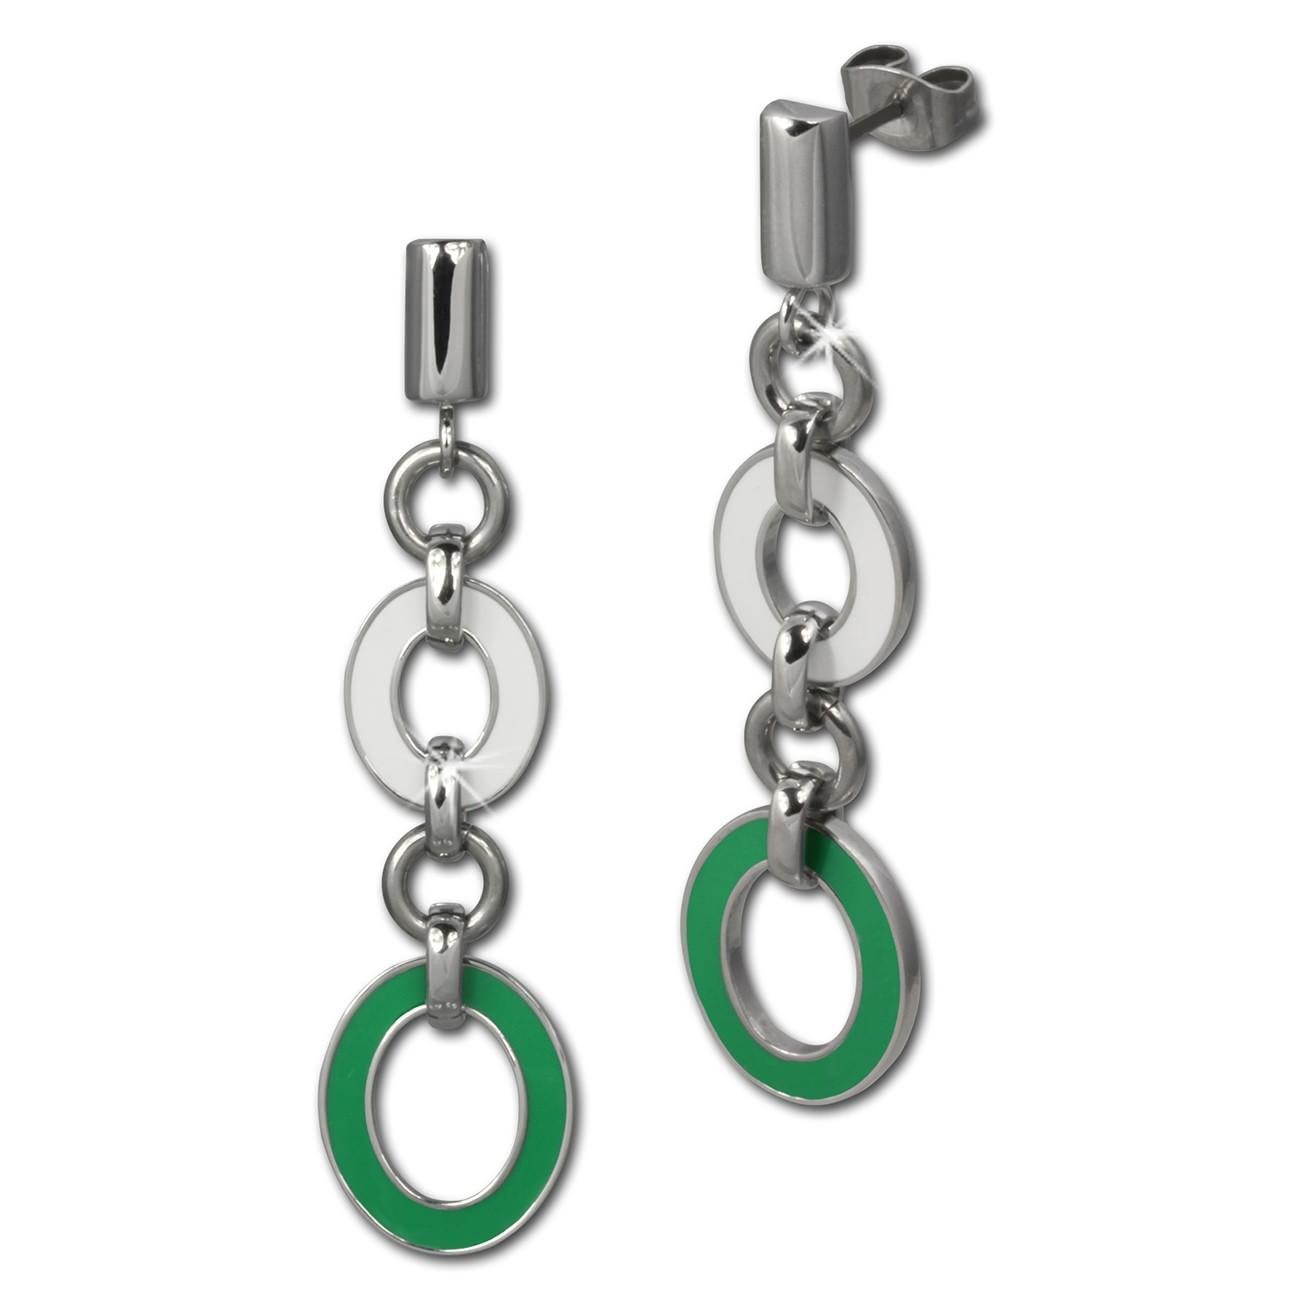 Amello Ohrstecker Oval Emaille grün/weiß Ohrringe Damen Stahl ESOG01G